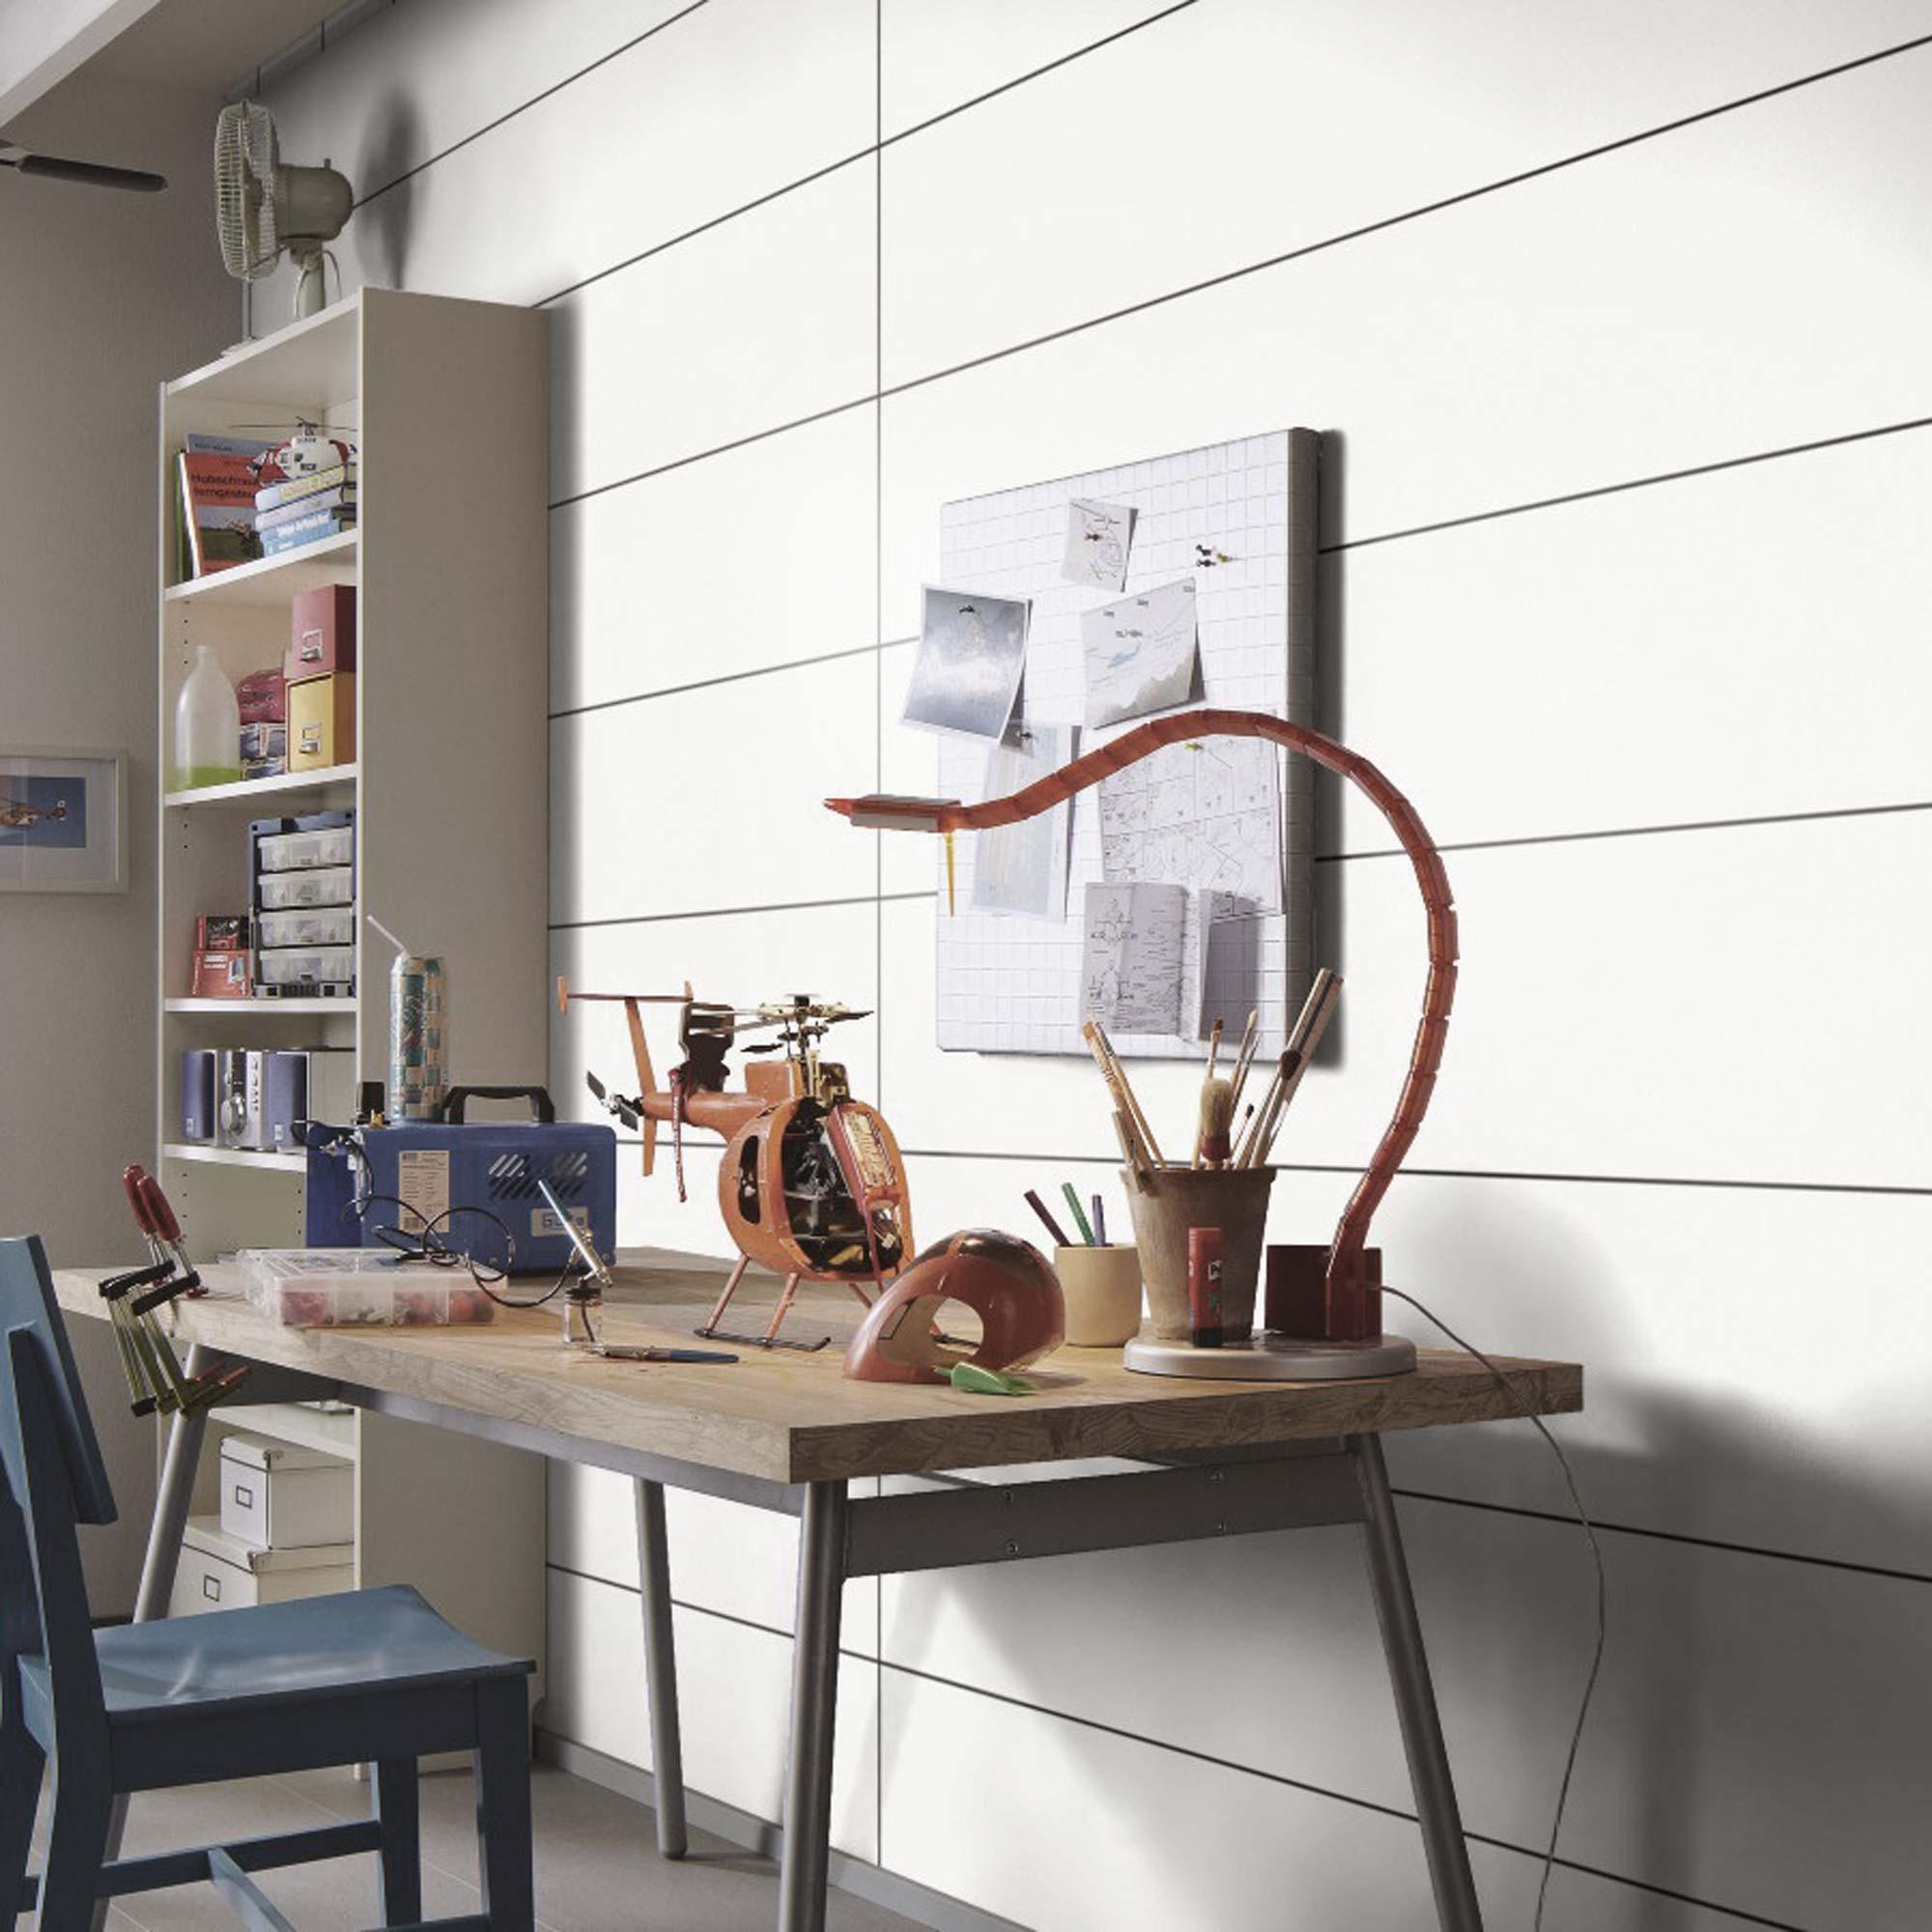 Holztisch in Arbeitszimmer dekoriert | Holzland Verbeek